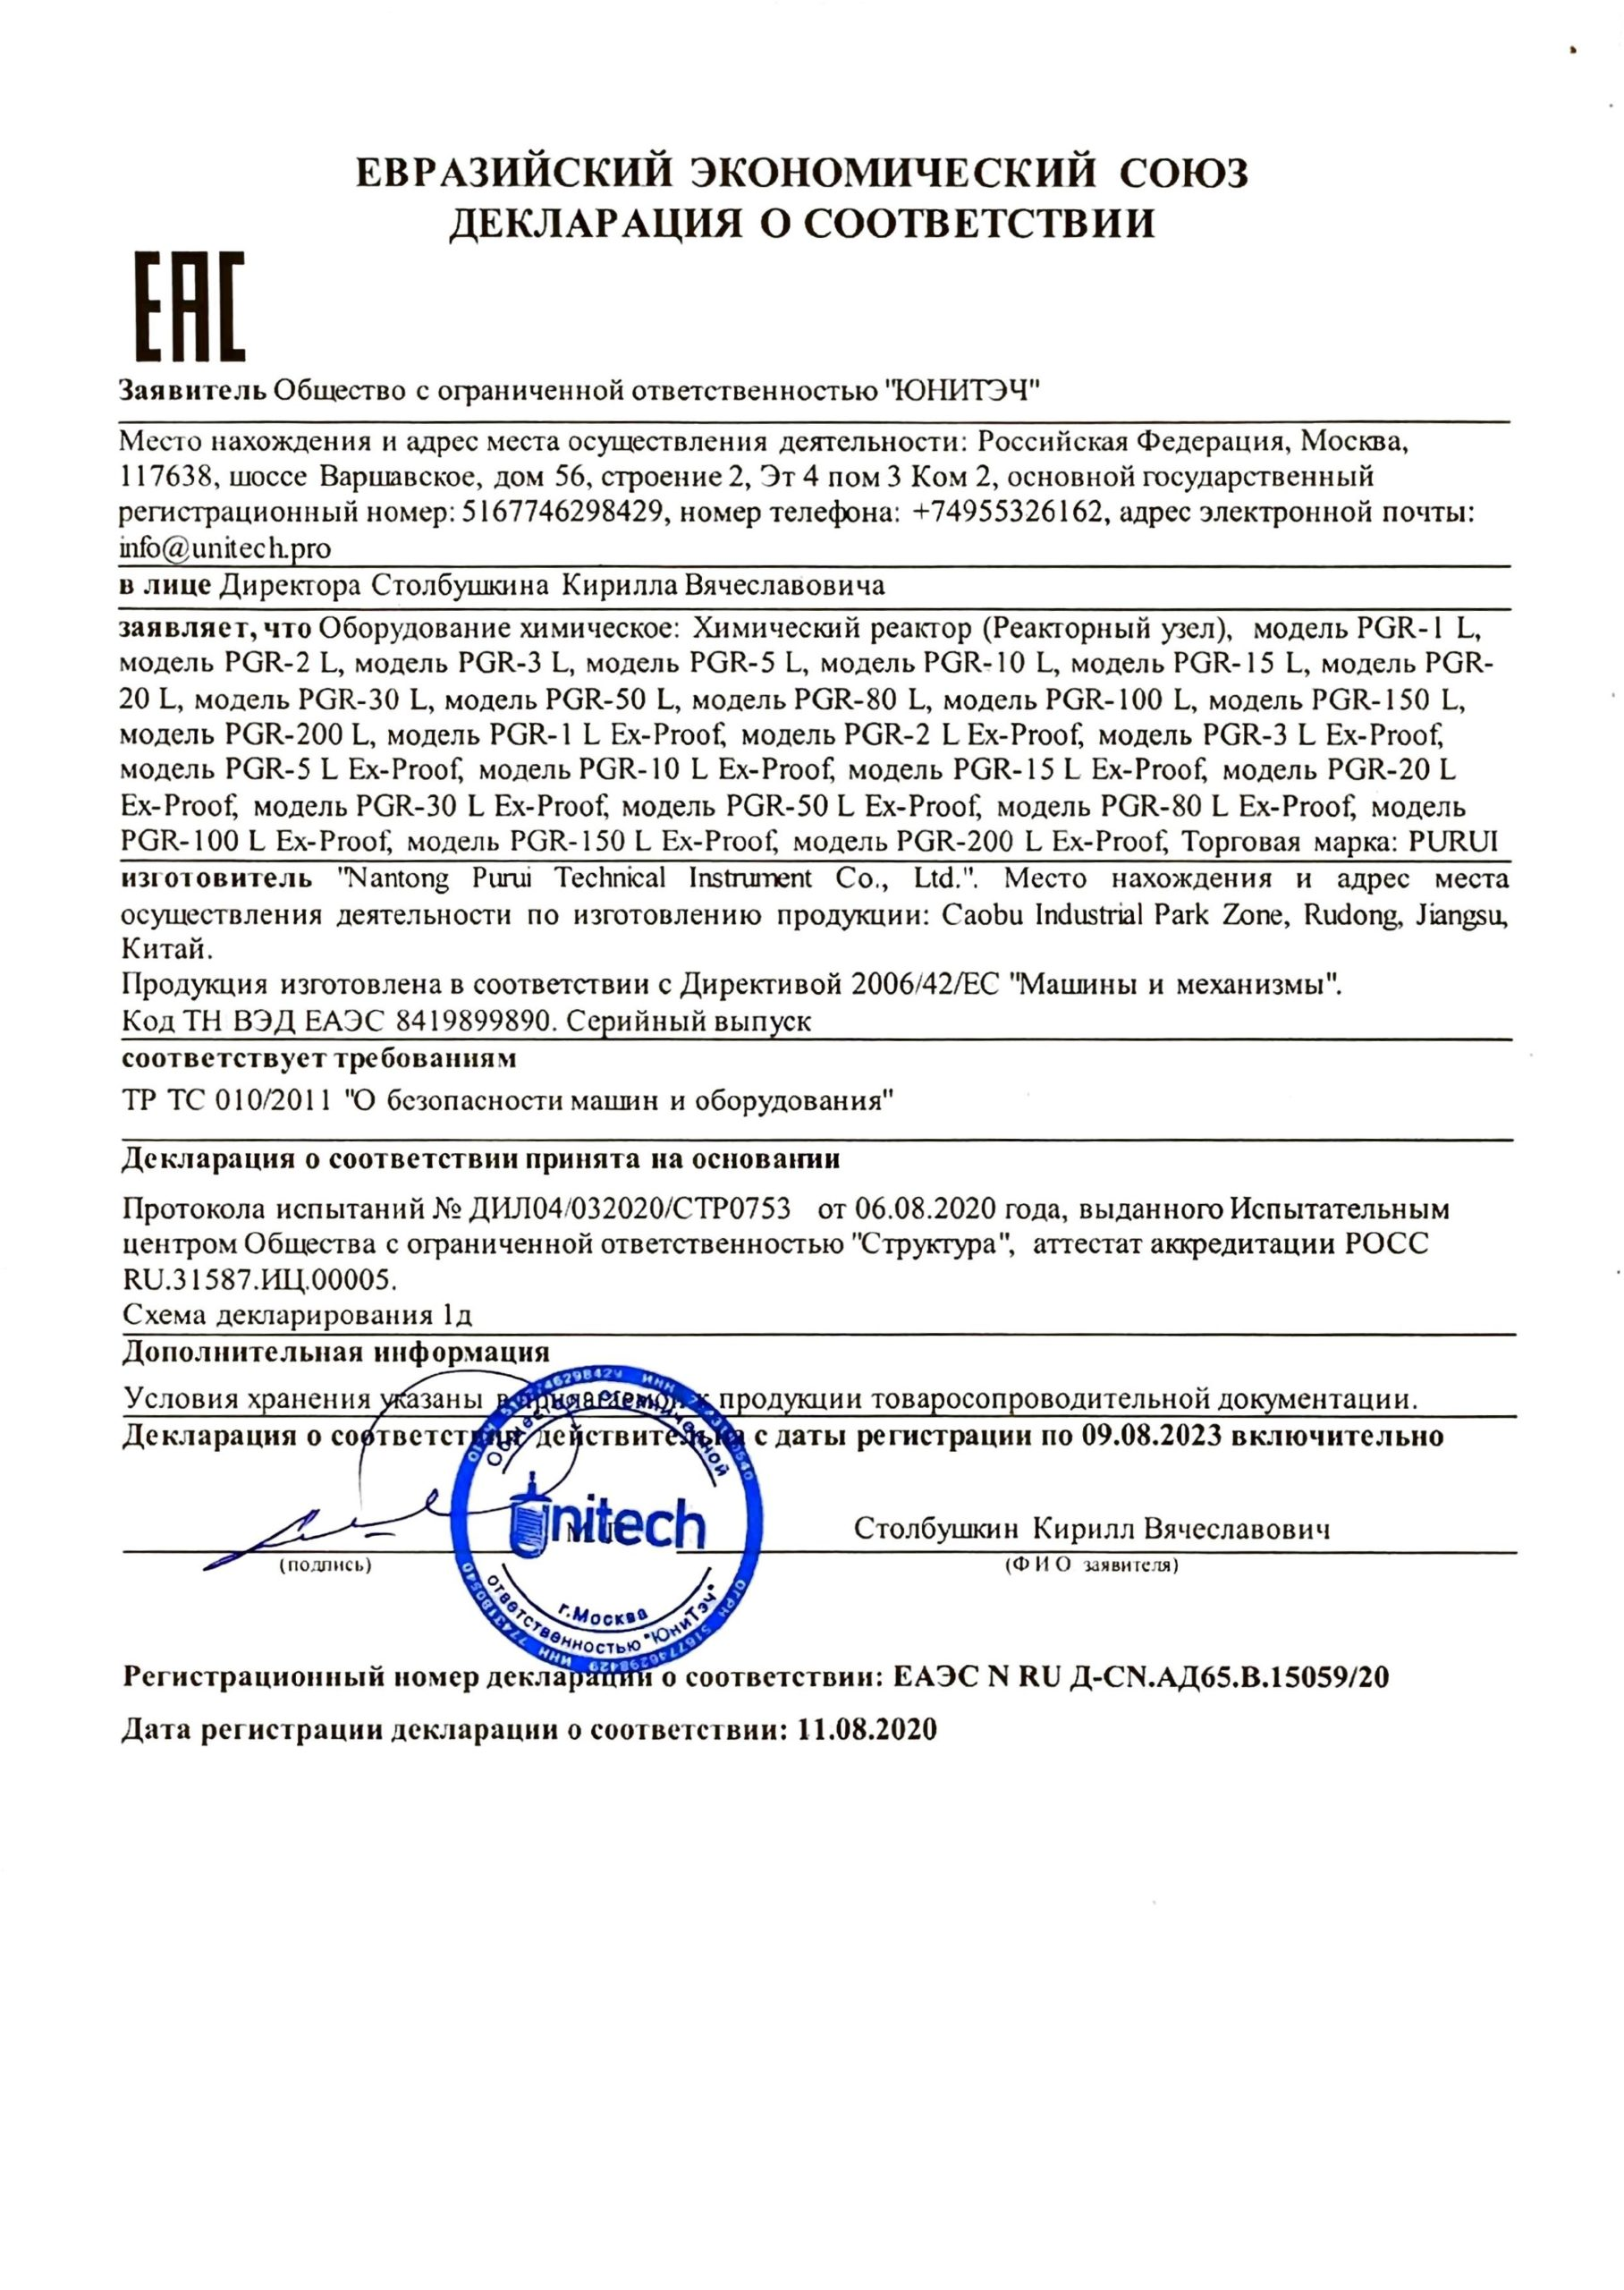 Декларация соответствия ТР ТС 010/2011 на реакторные узлы из боросиликатного стекла PURUI